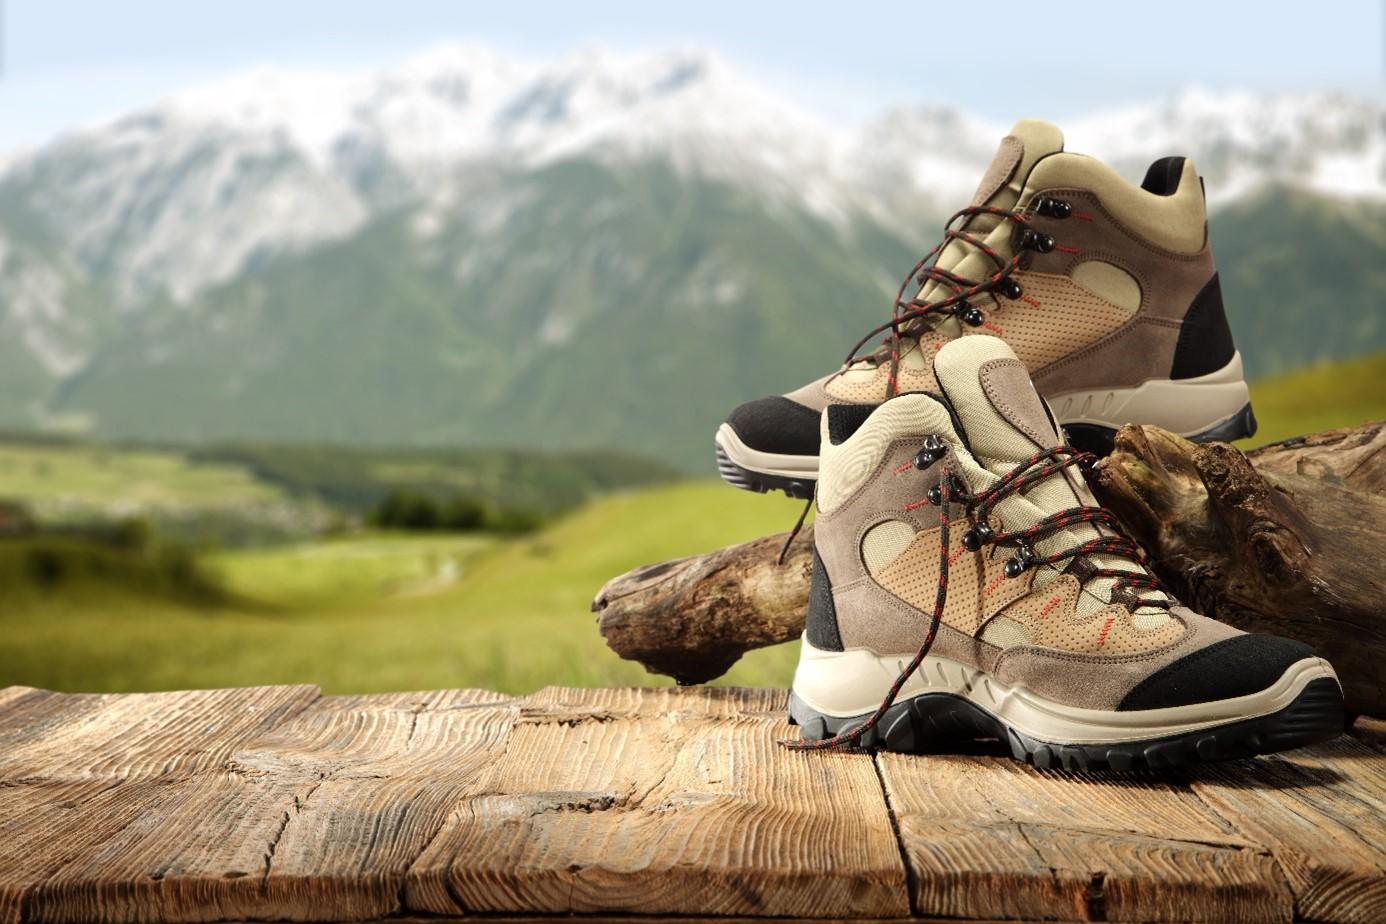 Hľadáte dobrú turistickú obuv? Poradíme vám ako na to!